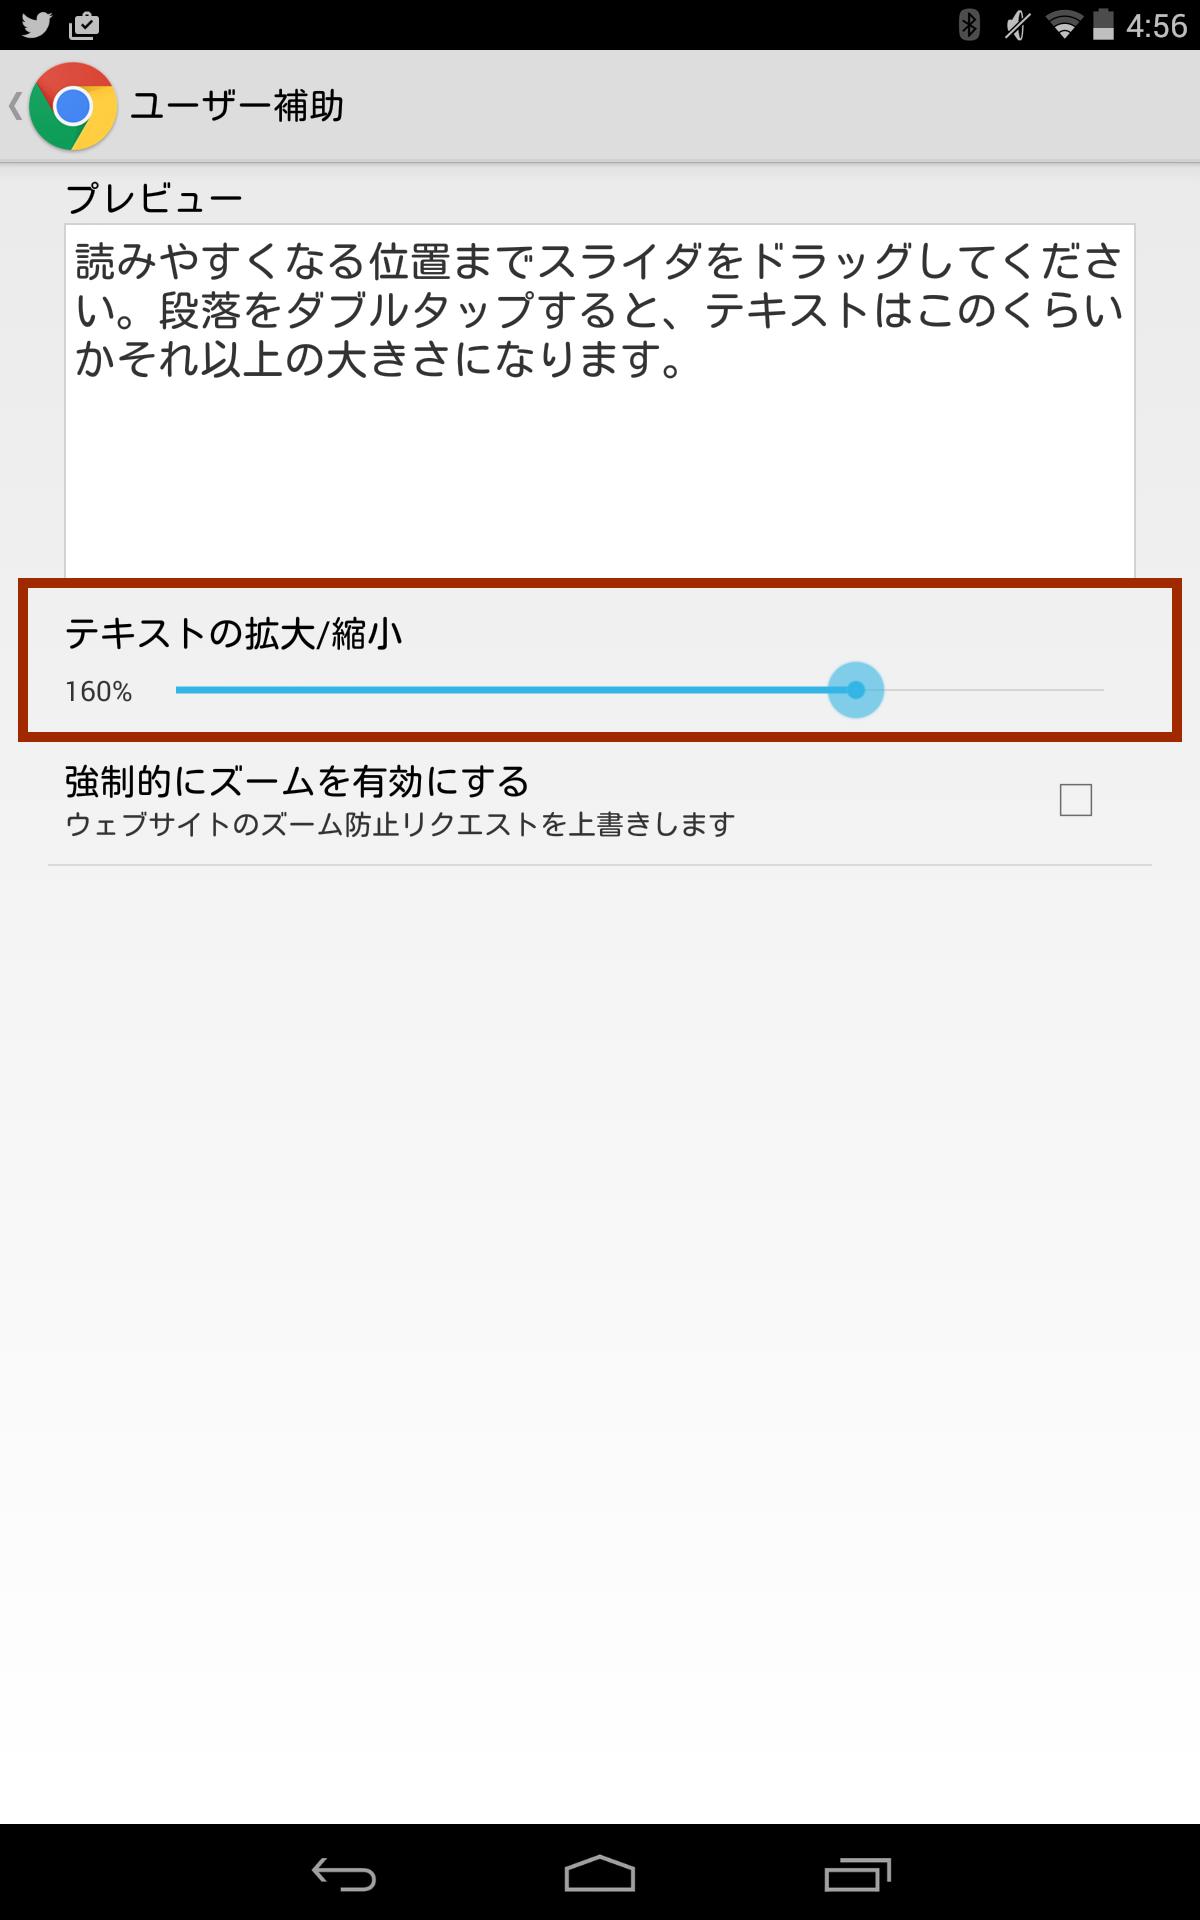 Android 版 Chrome の「テキストの拡大/縮小」の設定画面